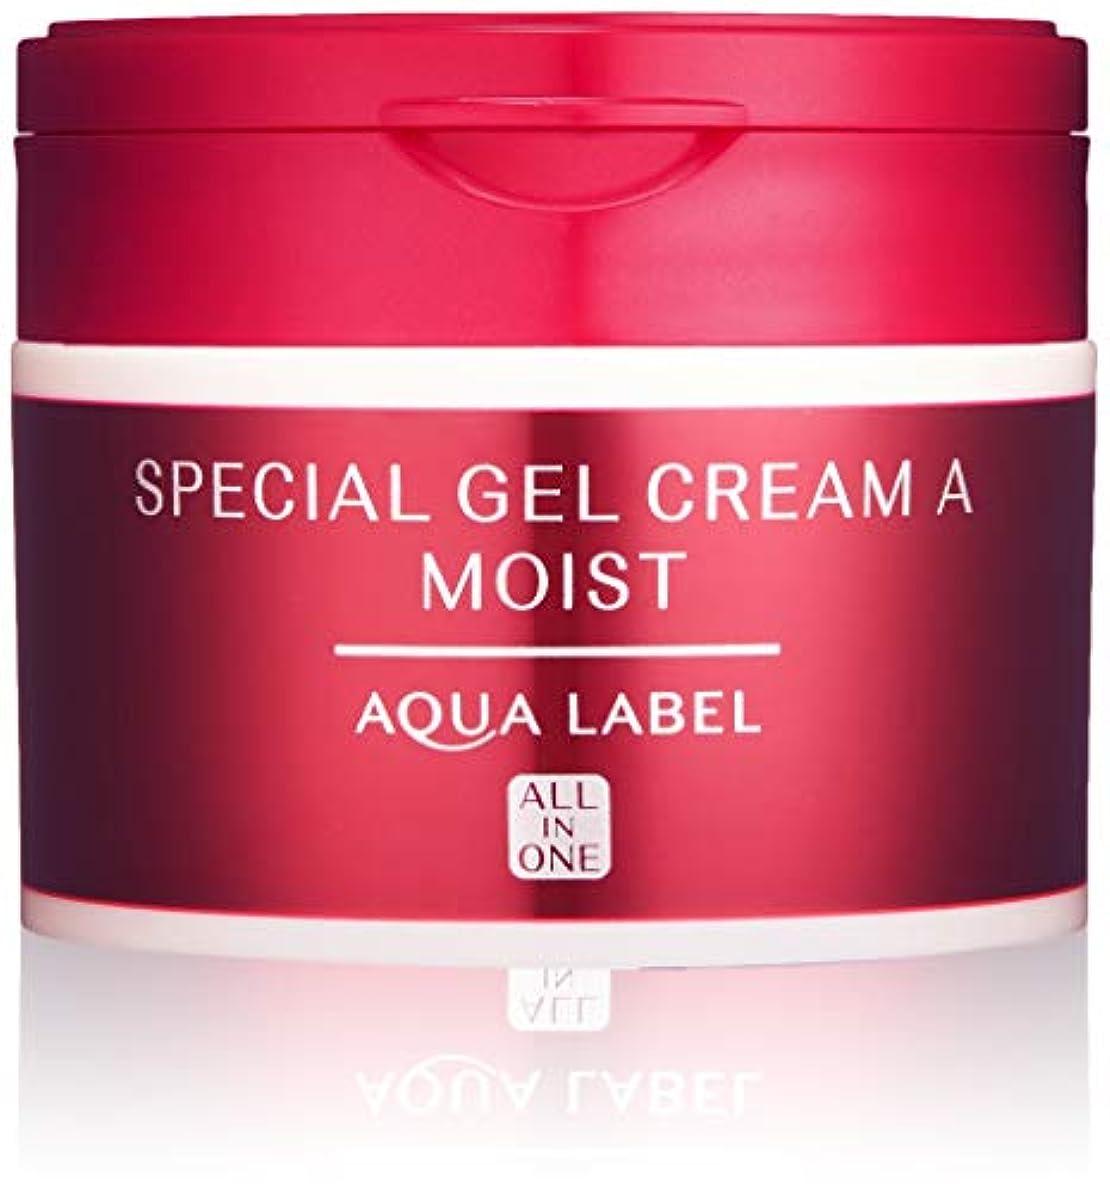 予想外監督する雲AQUALABEL(アクアレーベル) アクアレーベル スペシャルジェルクリームA (モイスト) ハーバルローズの優しい香り 単品 90g